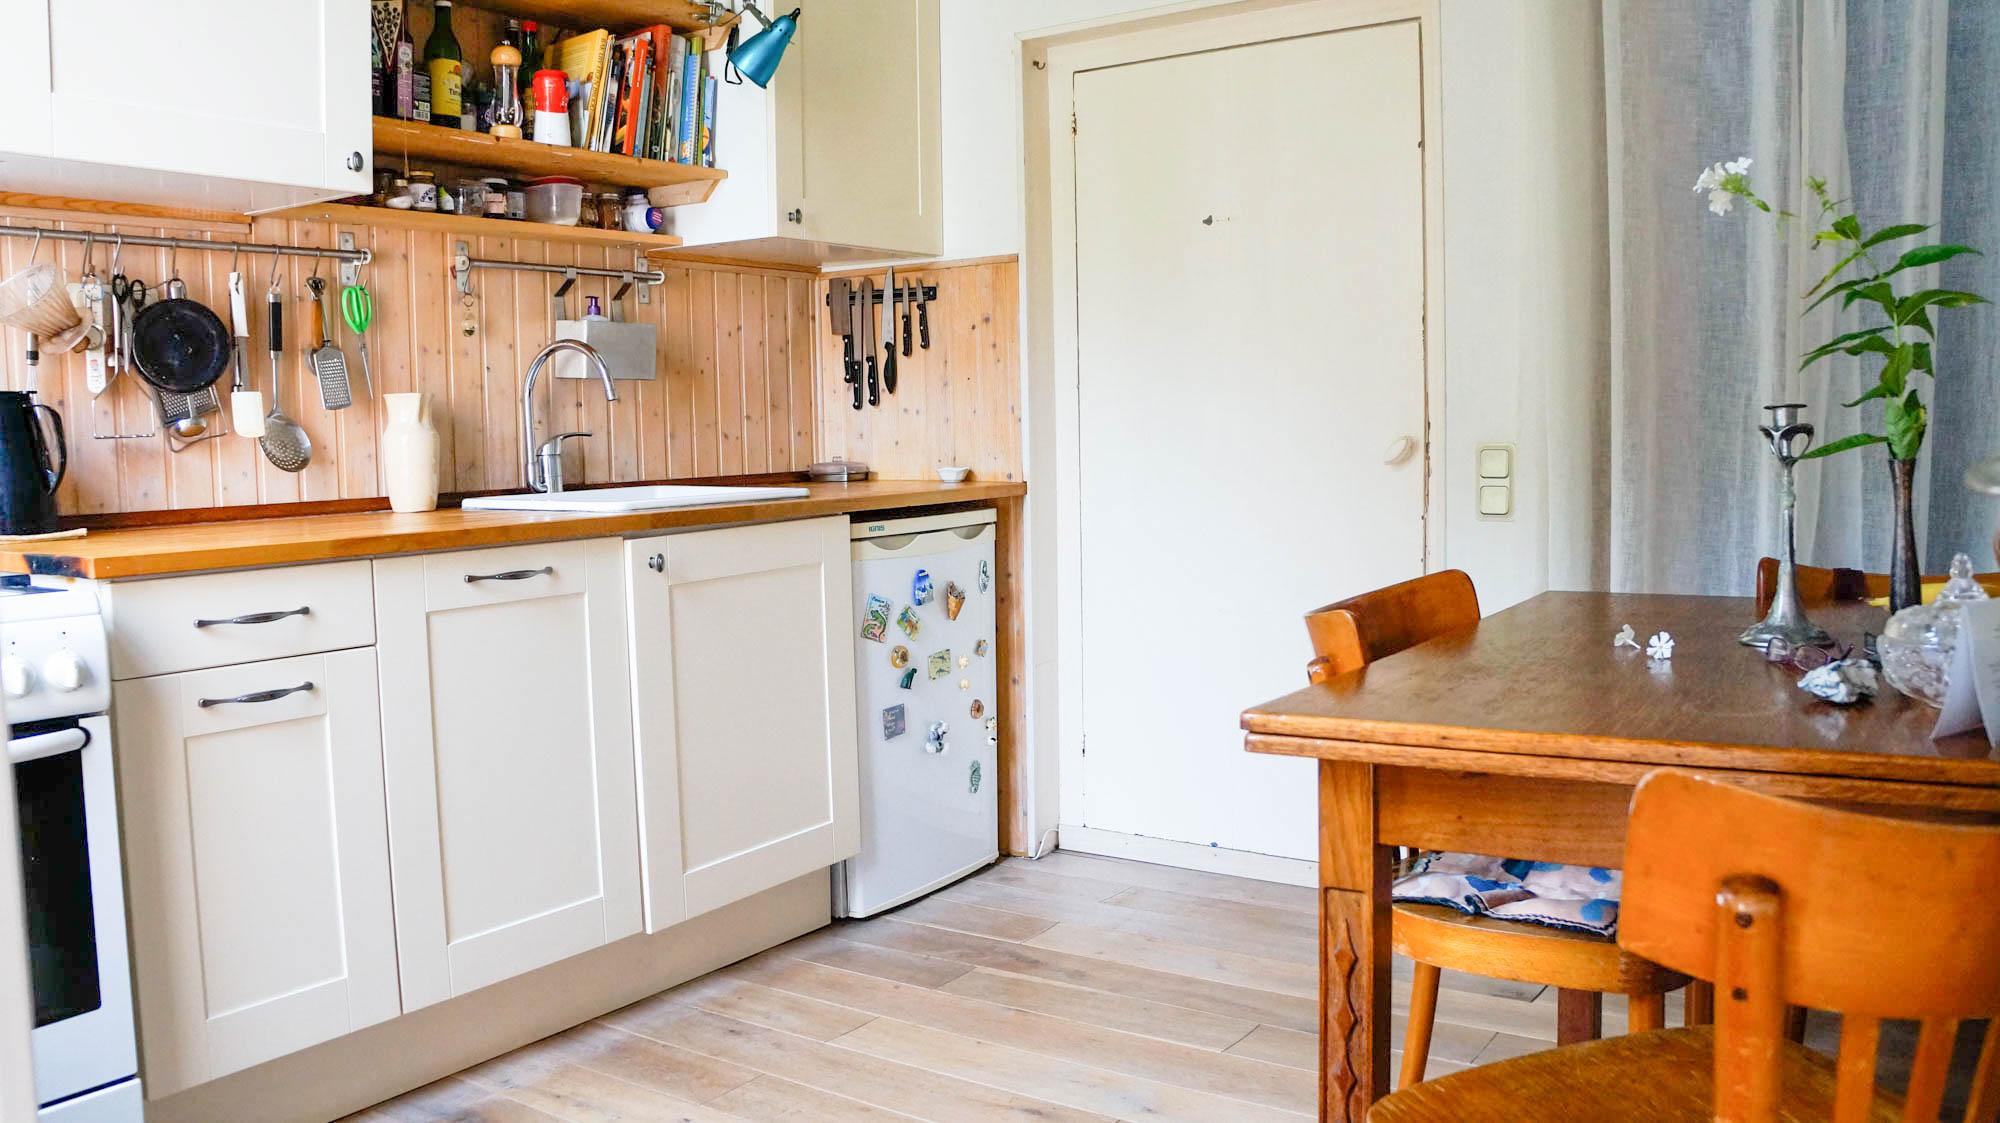 keuken middenstraat 13 kats ISM Makelaars